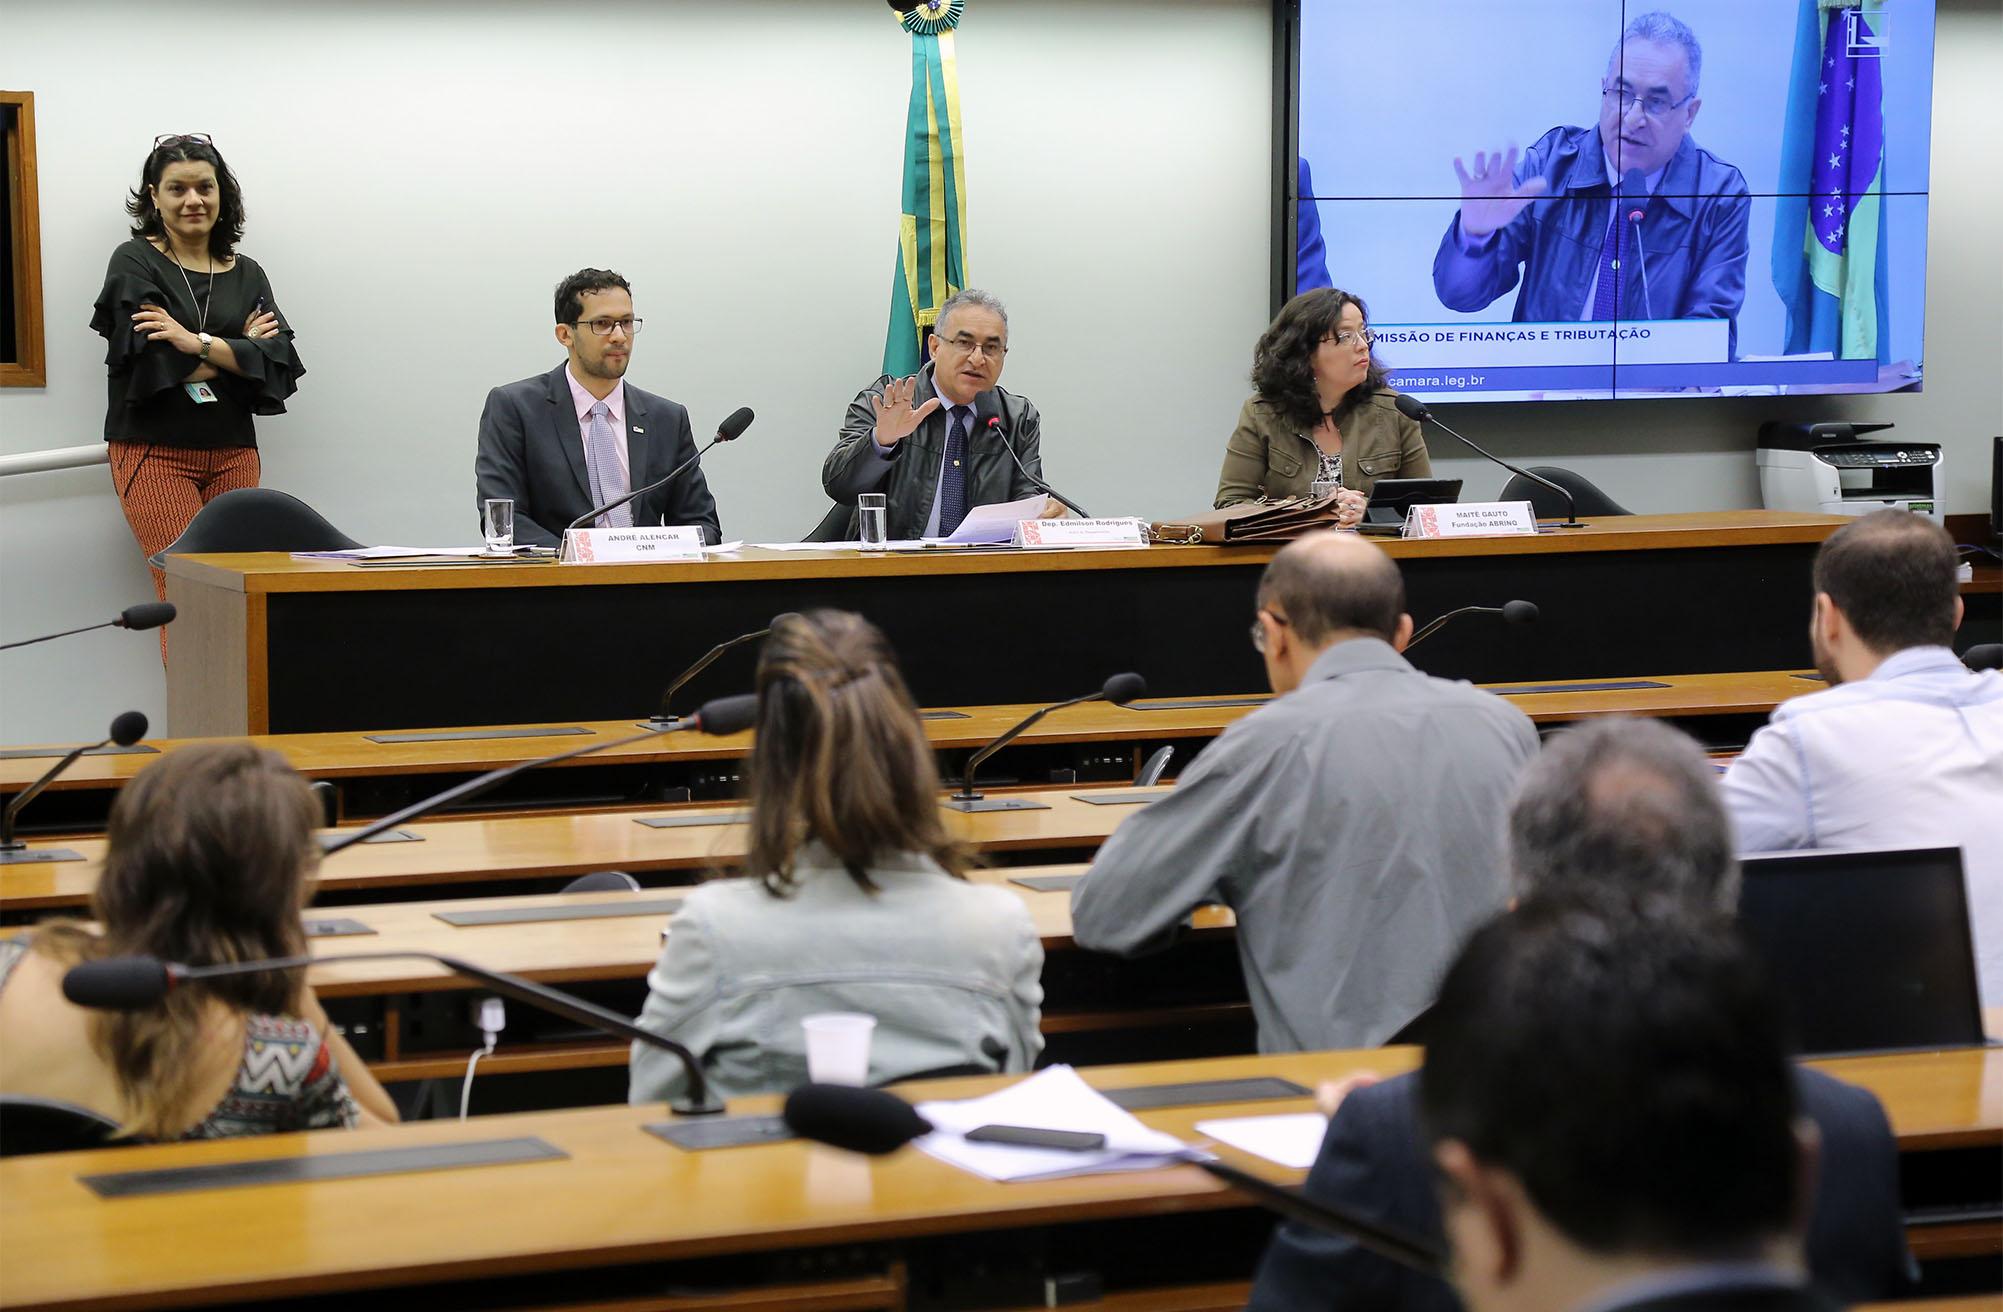 Audiência pública sobre o PL 7029/2013 - Alterações do FUNDEB